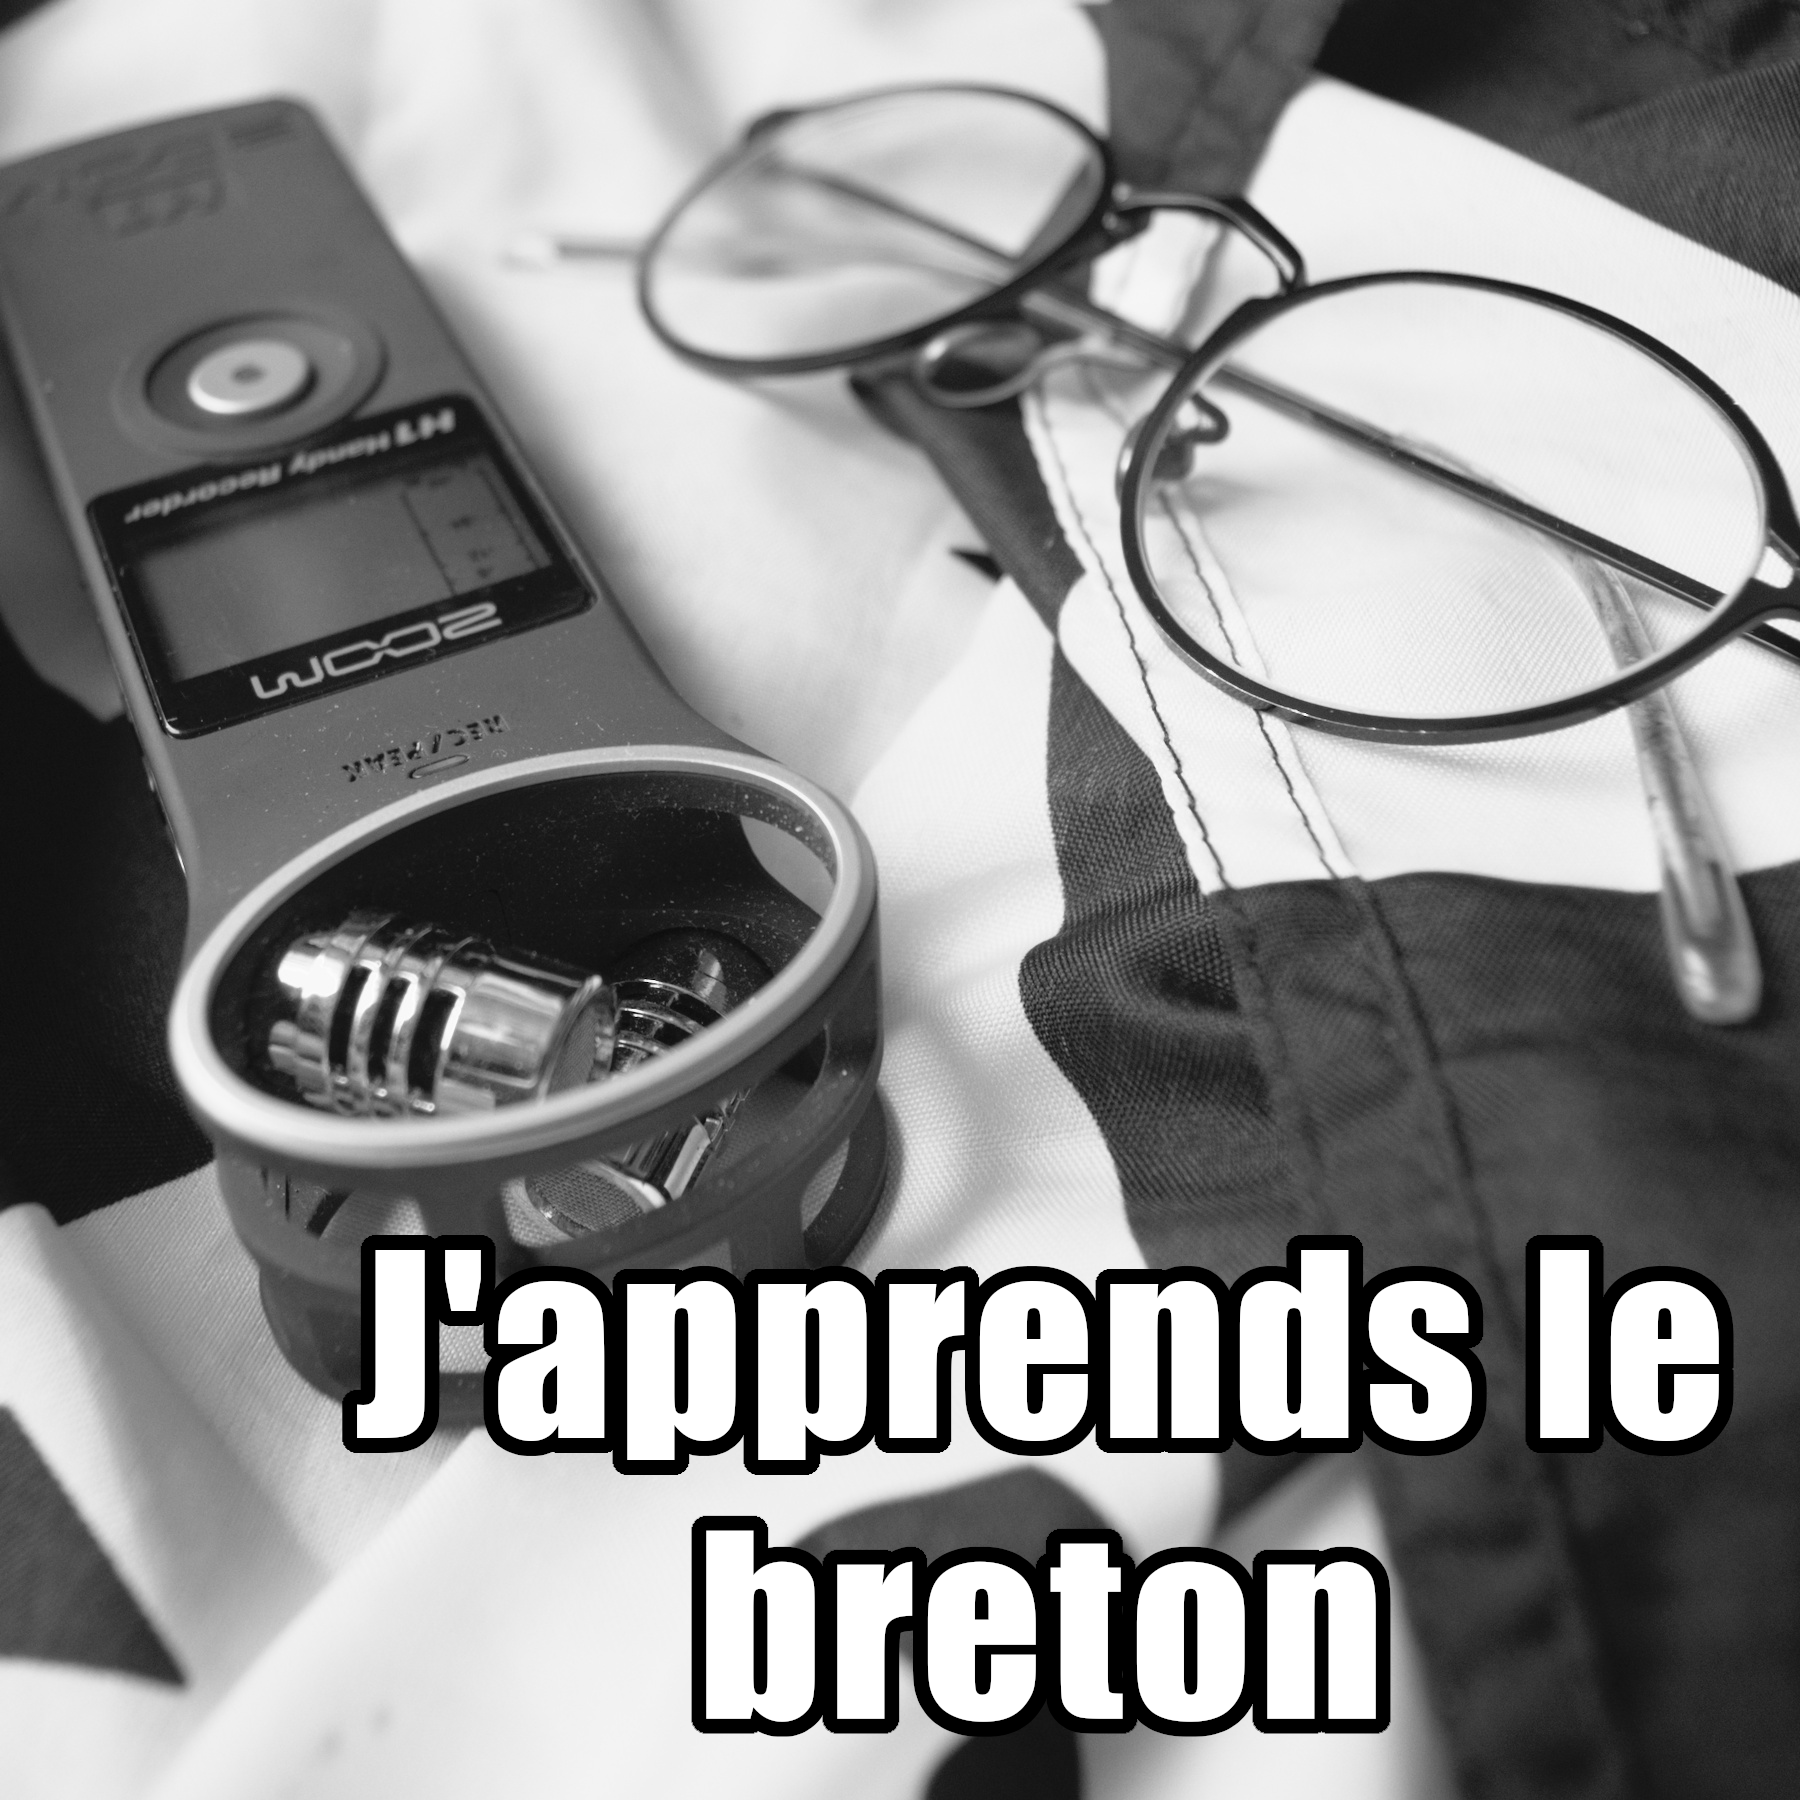 japprends_le_breton@zik.goe.land